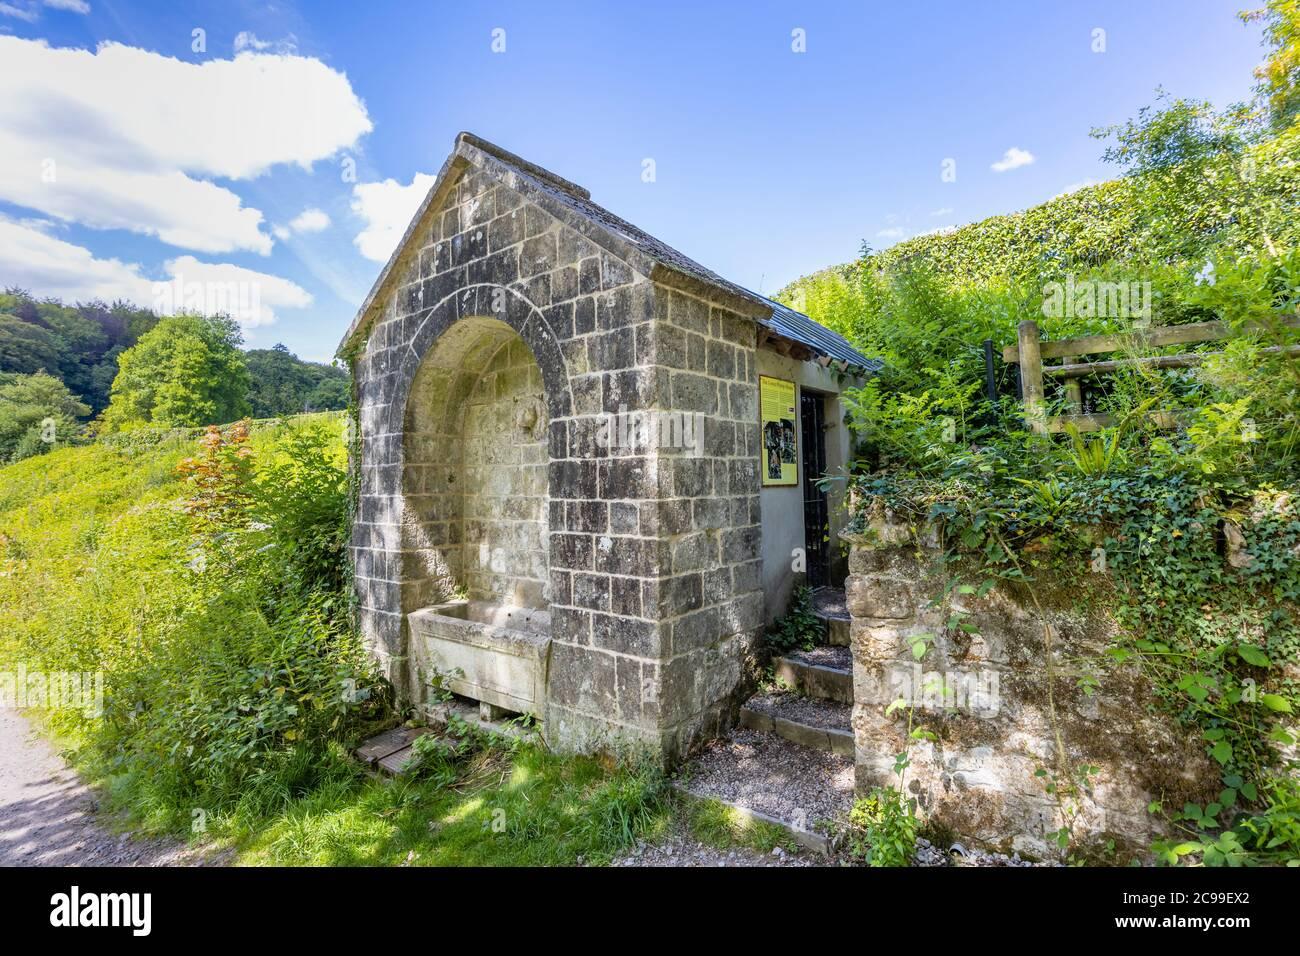 Le Lower Pump House restauré de Stourton, un petit village près de Stourhead, Somerset, au sud-ouest de l'Angleterre Banque D'Images